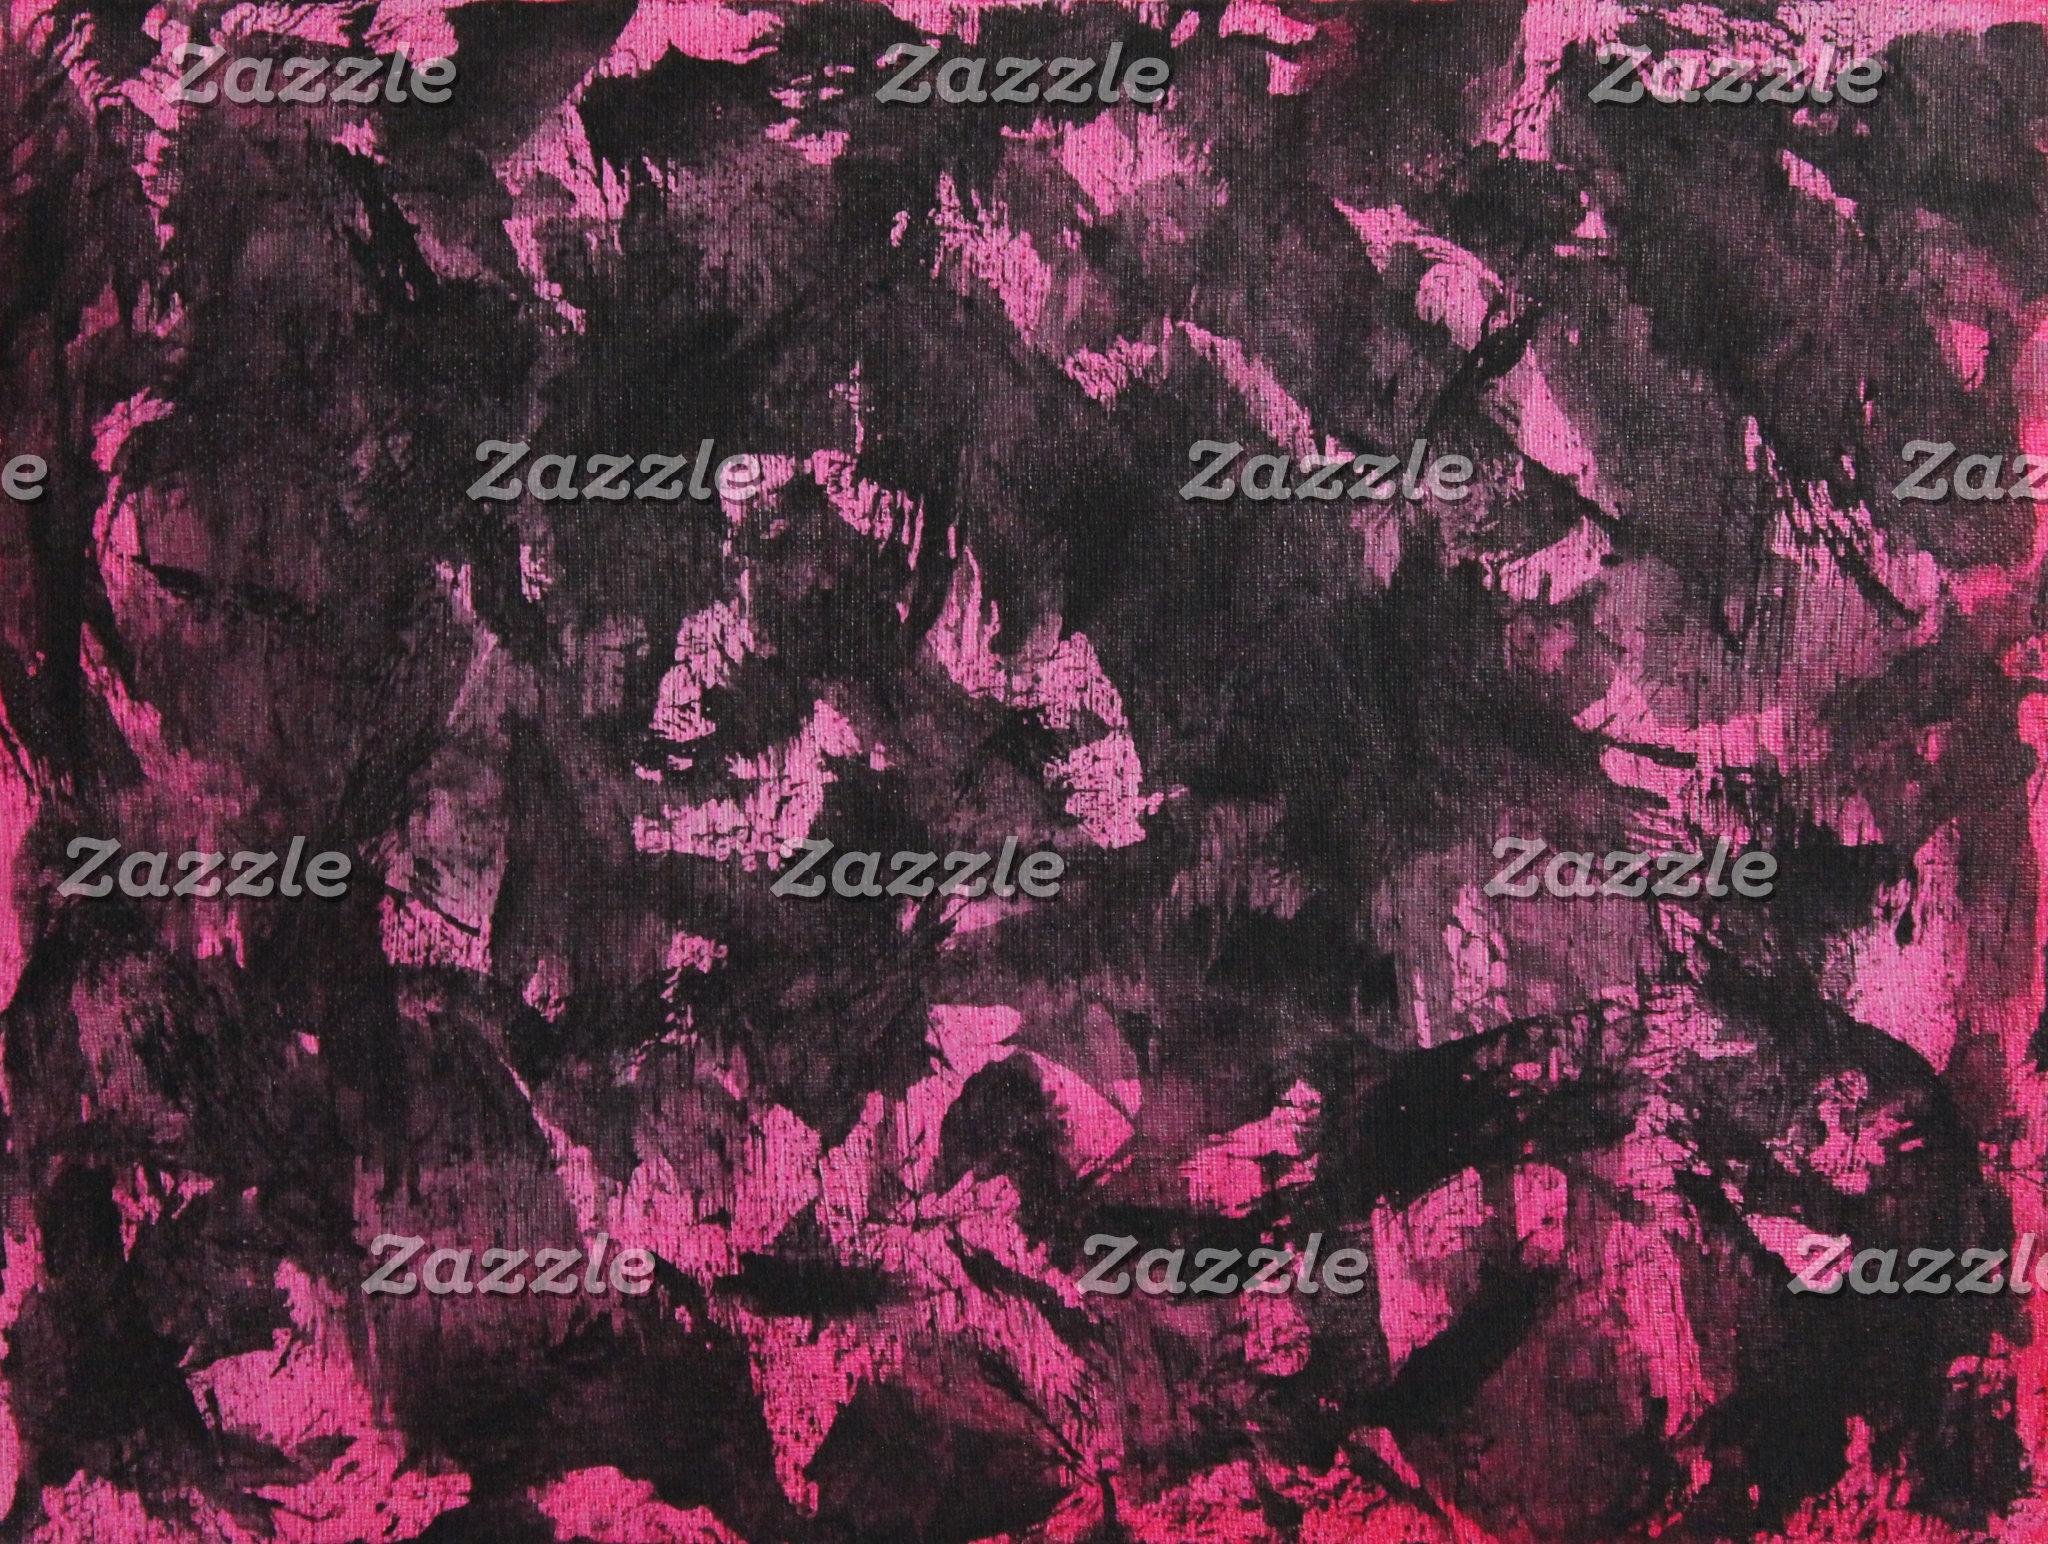 Black Ink on Pink Background